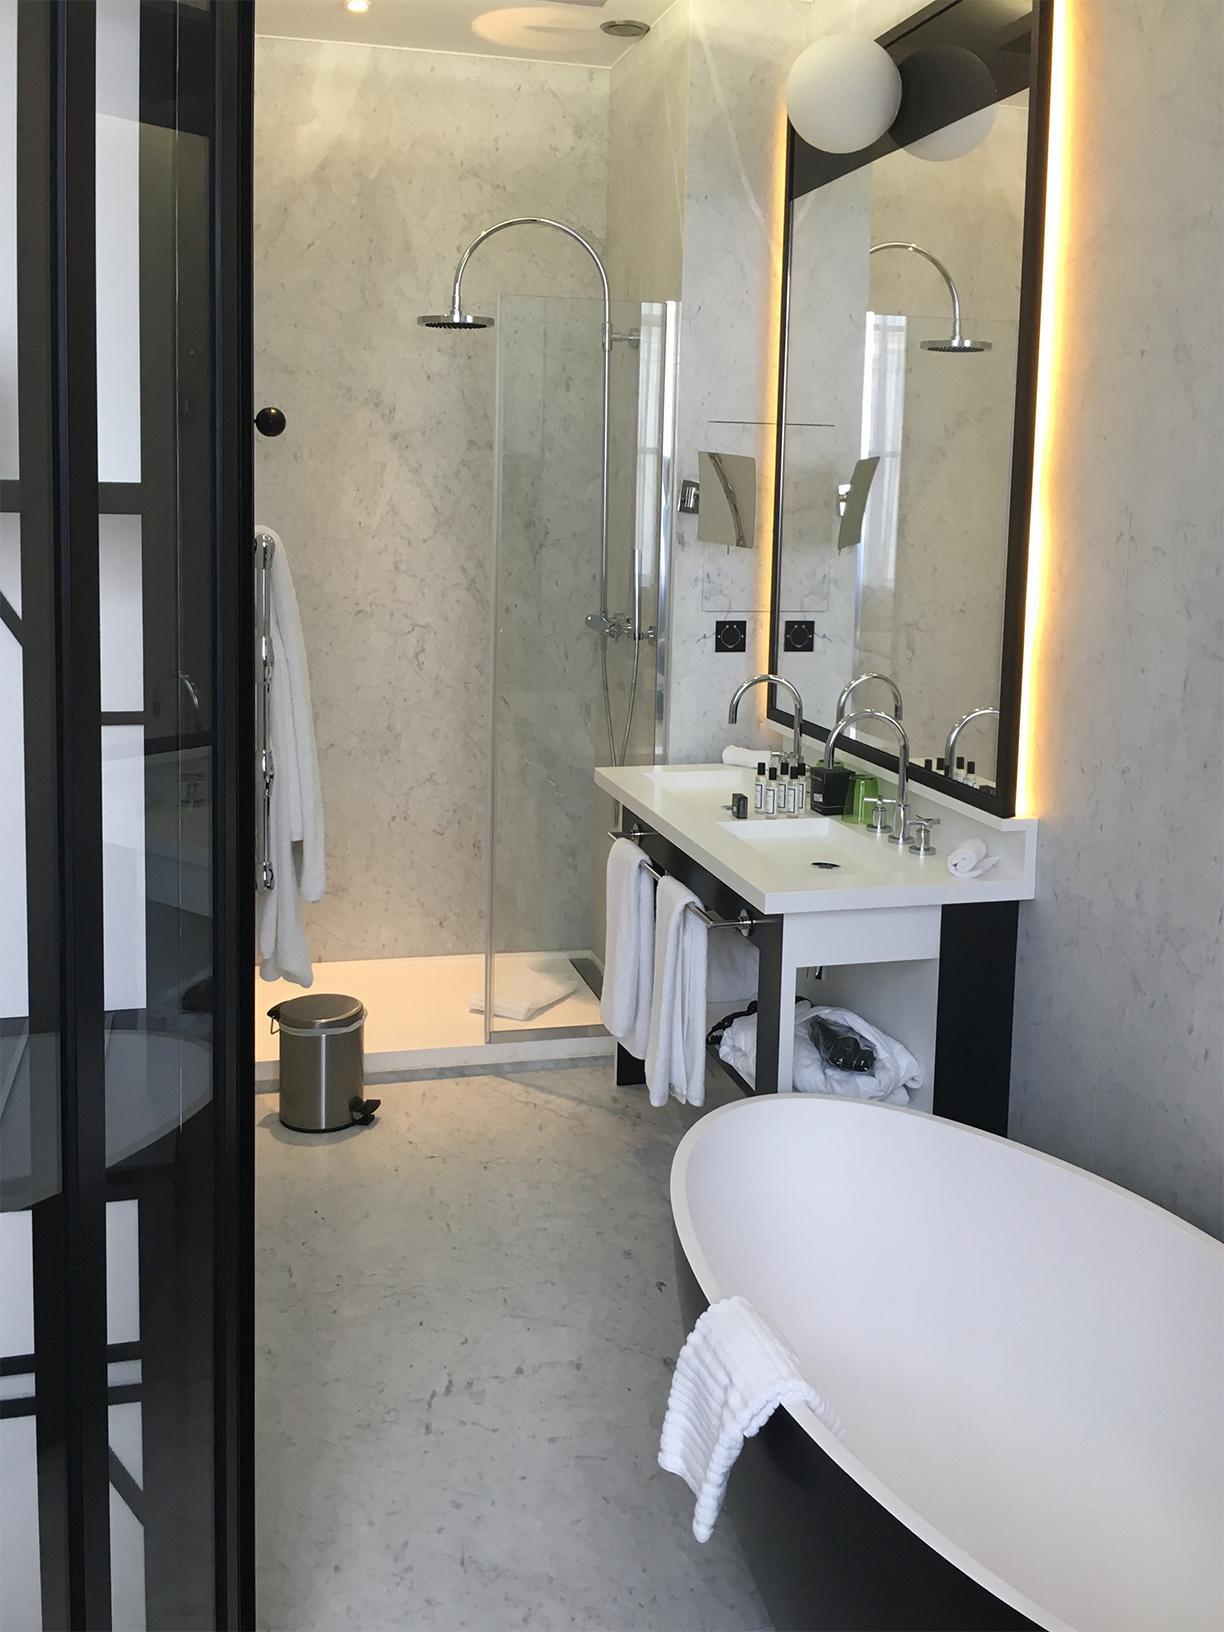 Salle De Bains France ~ salle de bain h tel du minist re ates france